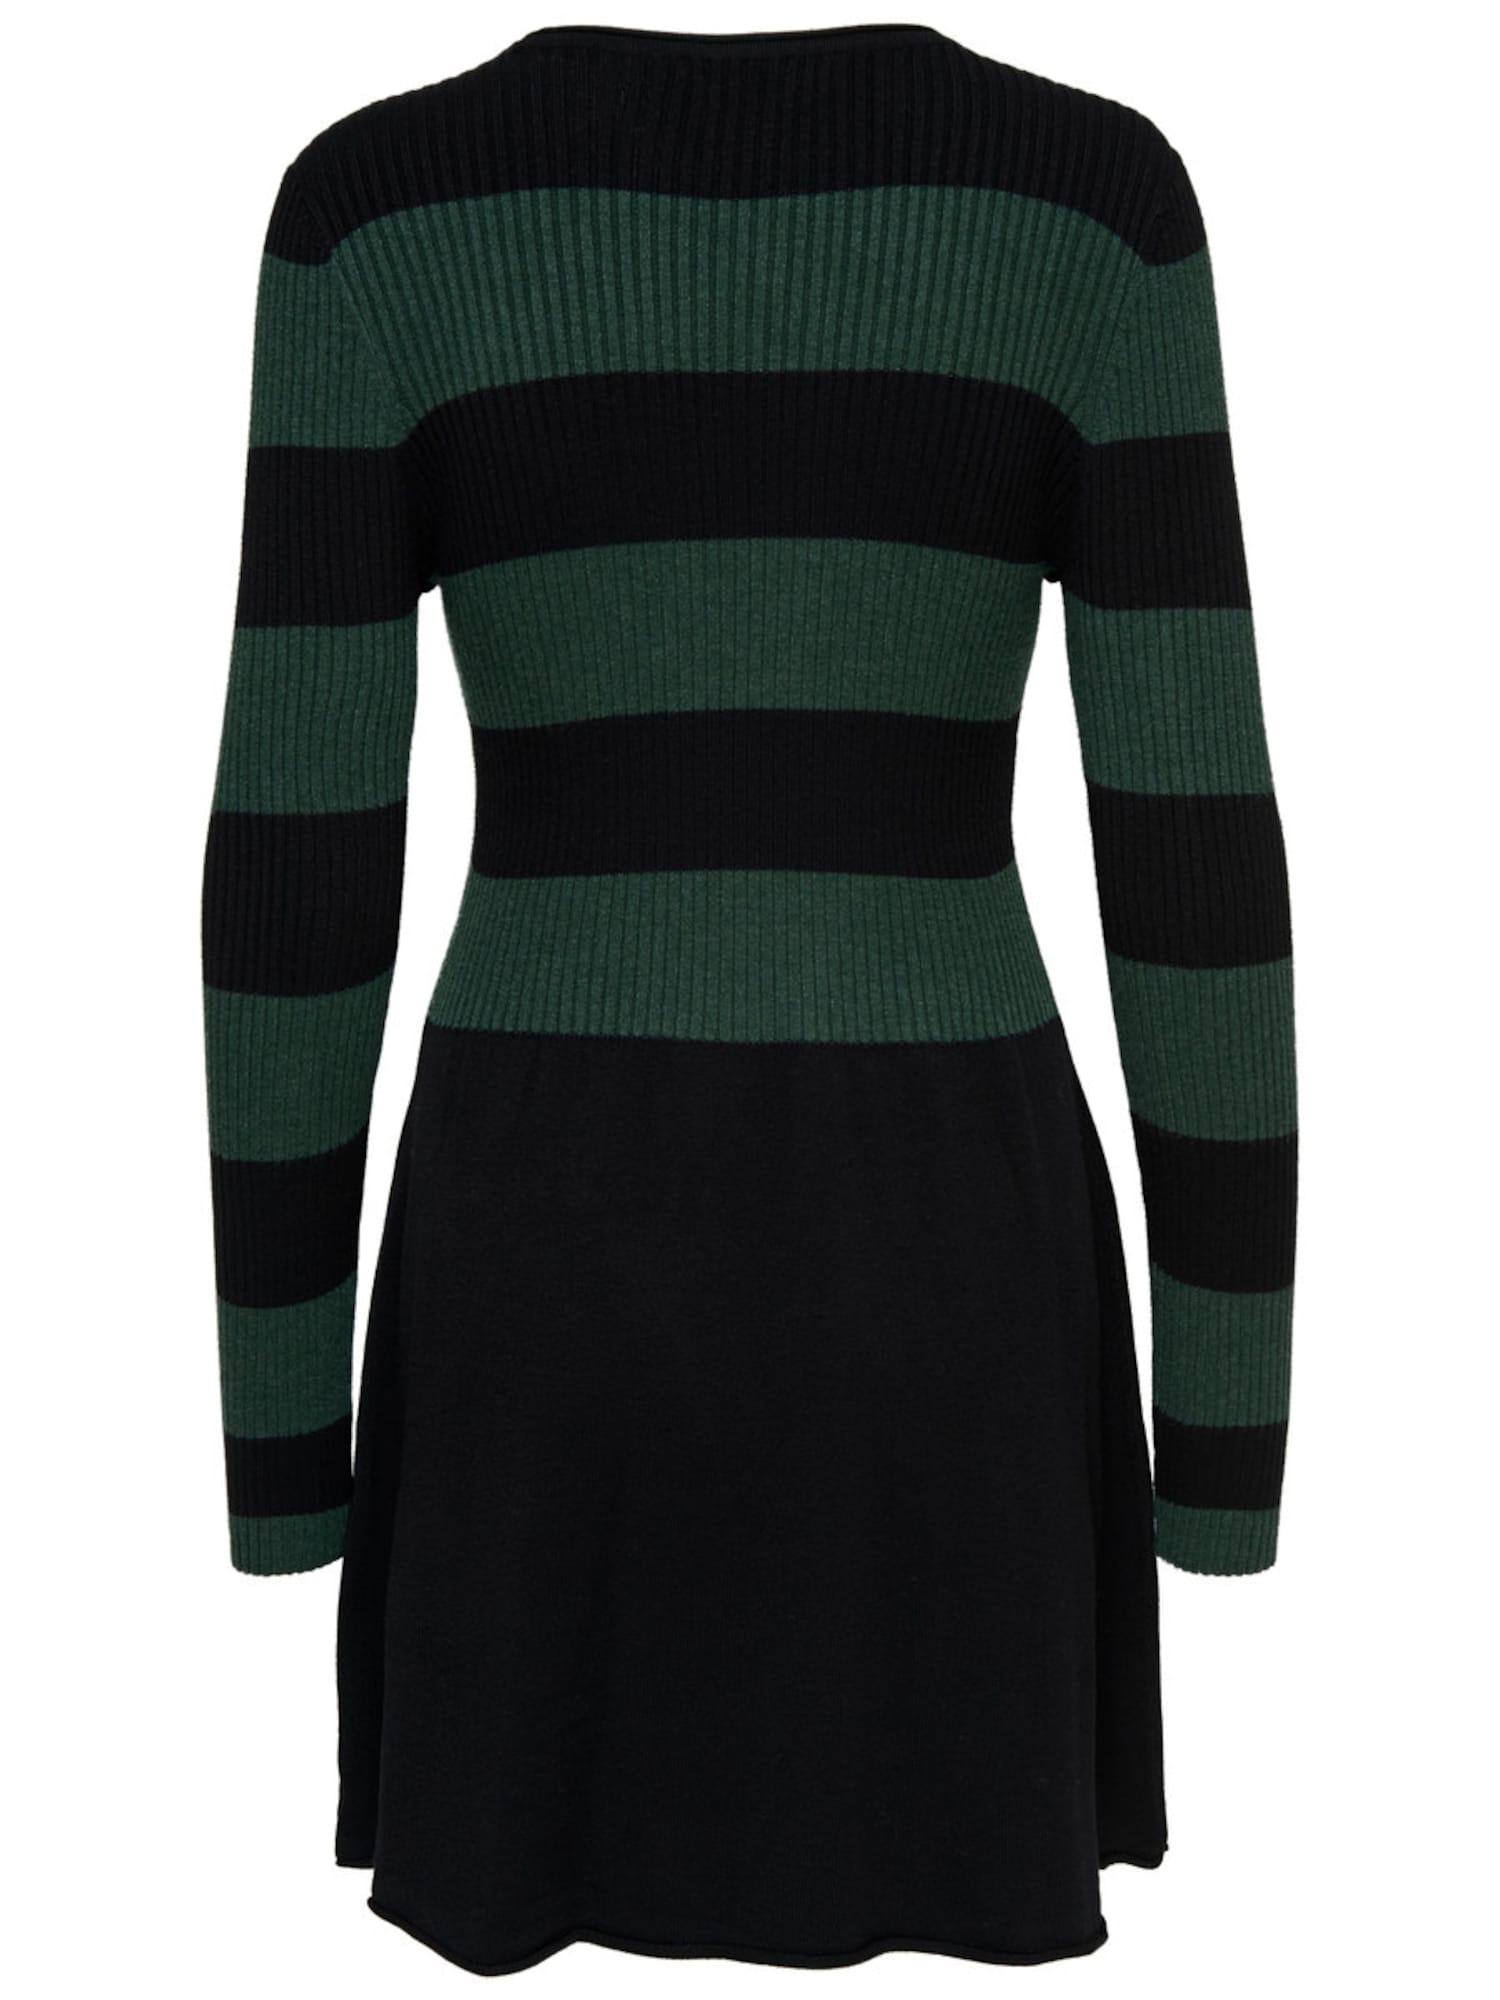 ONLY Kleid tanne / schwarz - Schwarzes Kleid